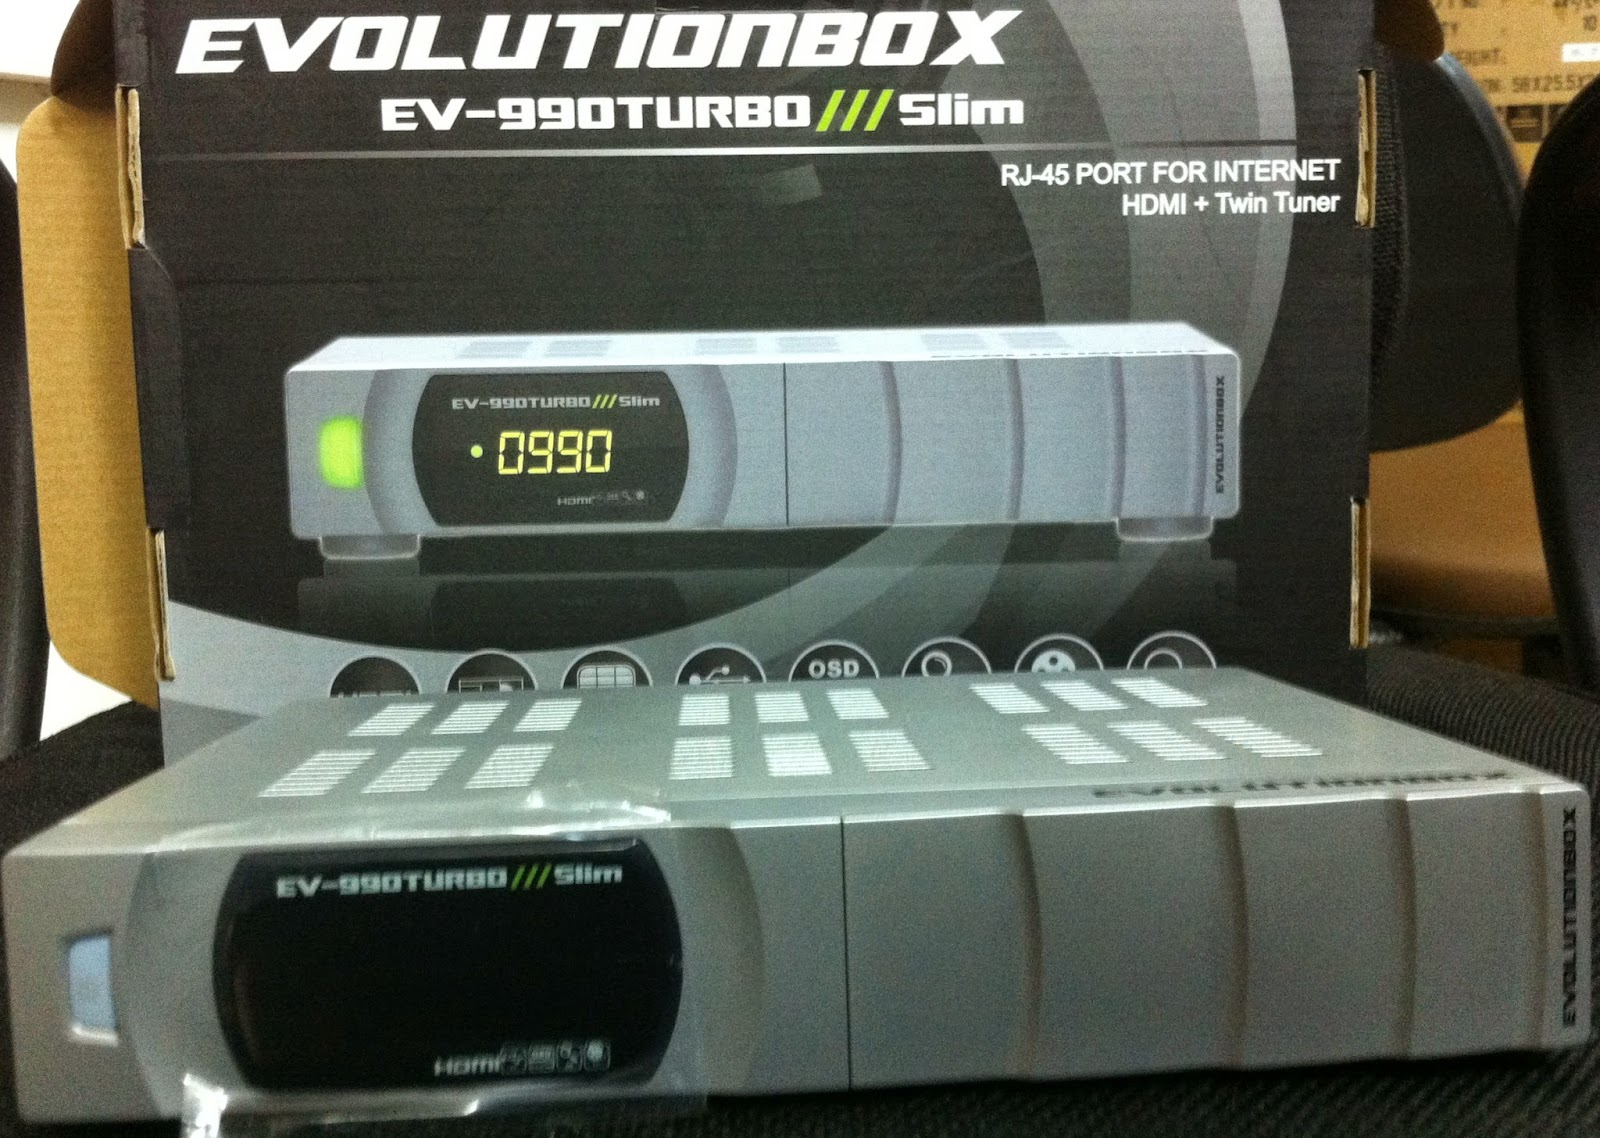 EVOLUTIONBOX EV 990 TURBOX SLIM NOVA ATUALIZAÇÃO v2.35 - 30-04-2015